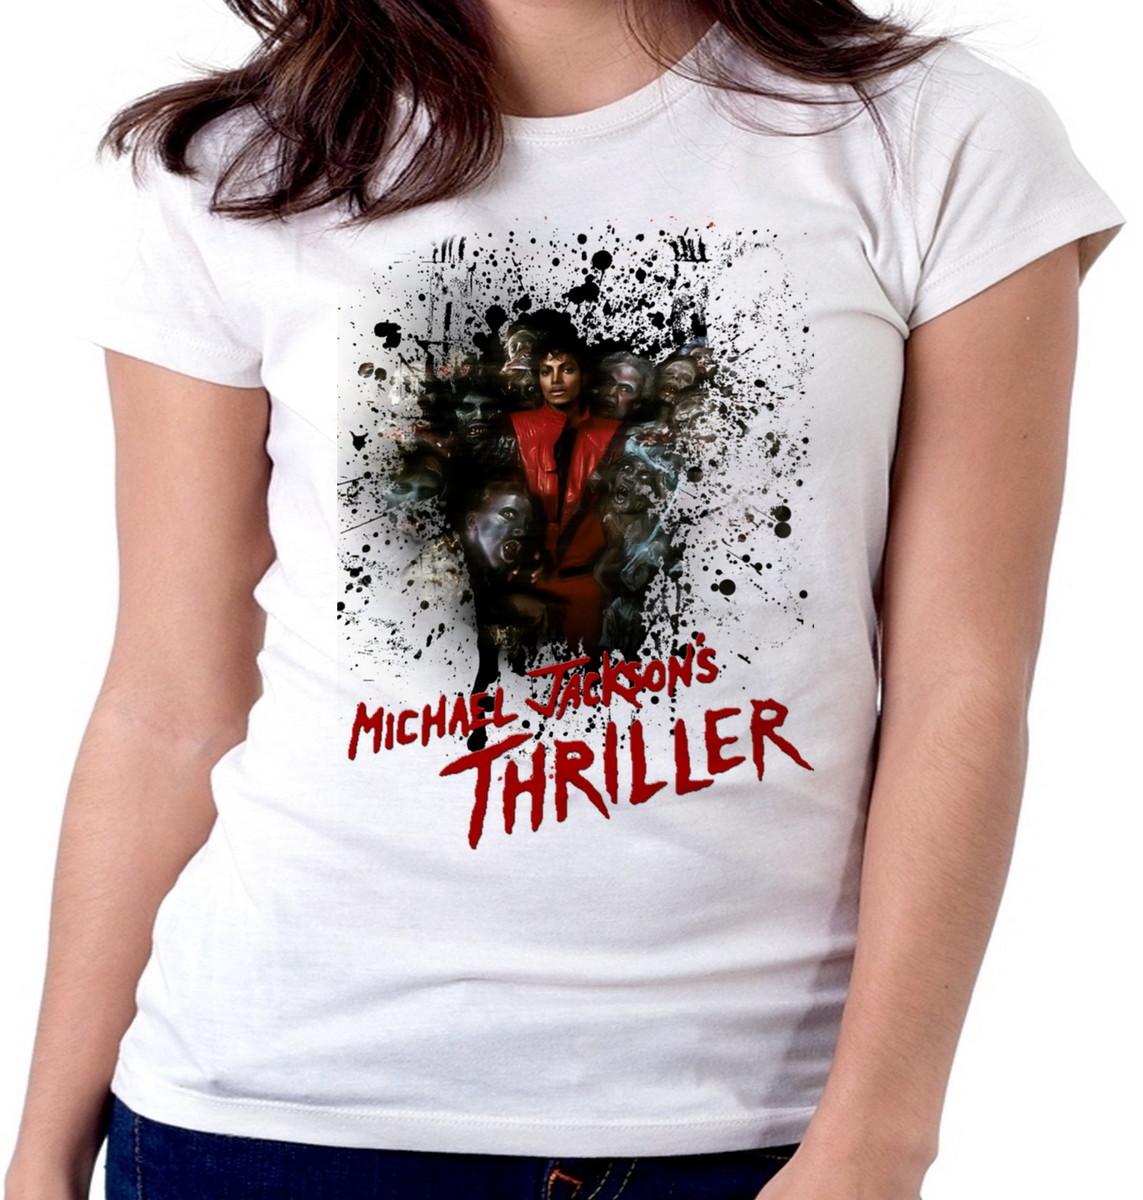 Blusa feminina baby look camiseta Michael Jackson thriller no Elo7 ... e8102d3224bfa